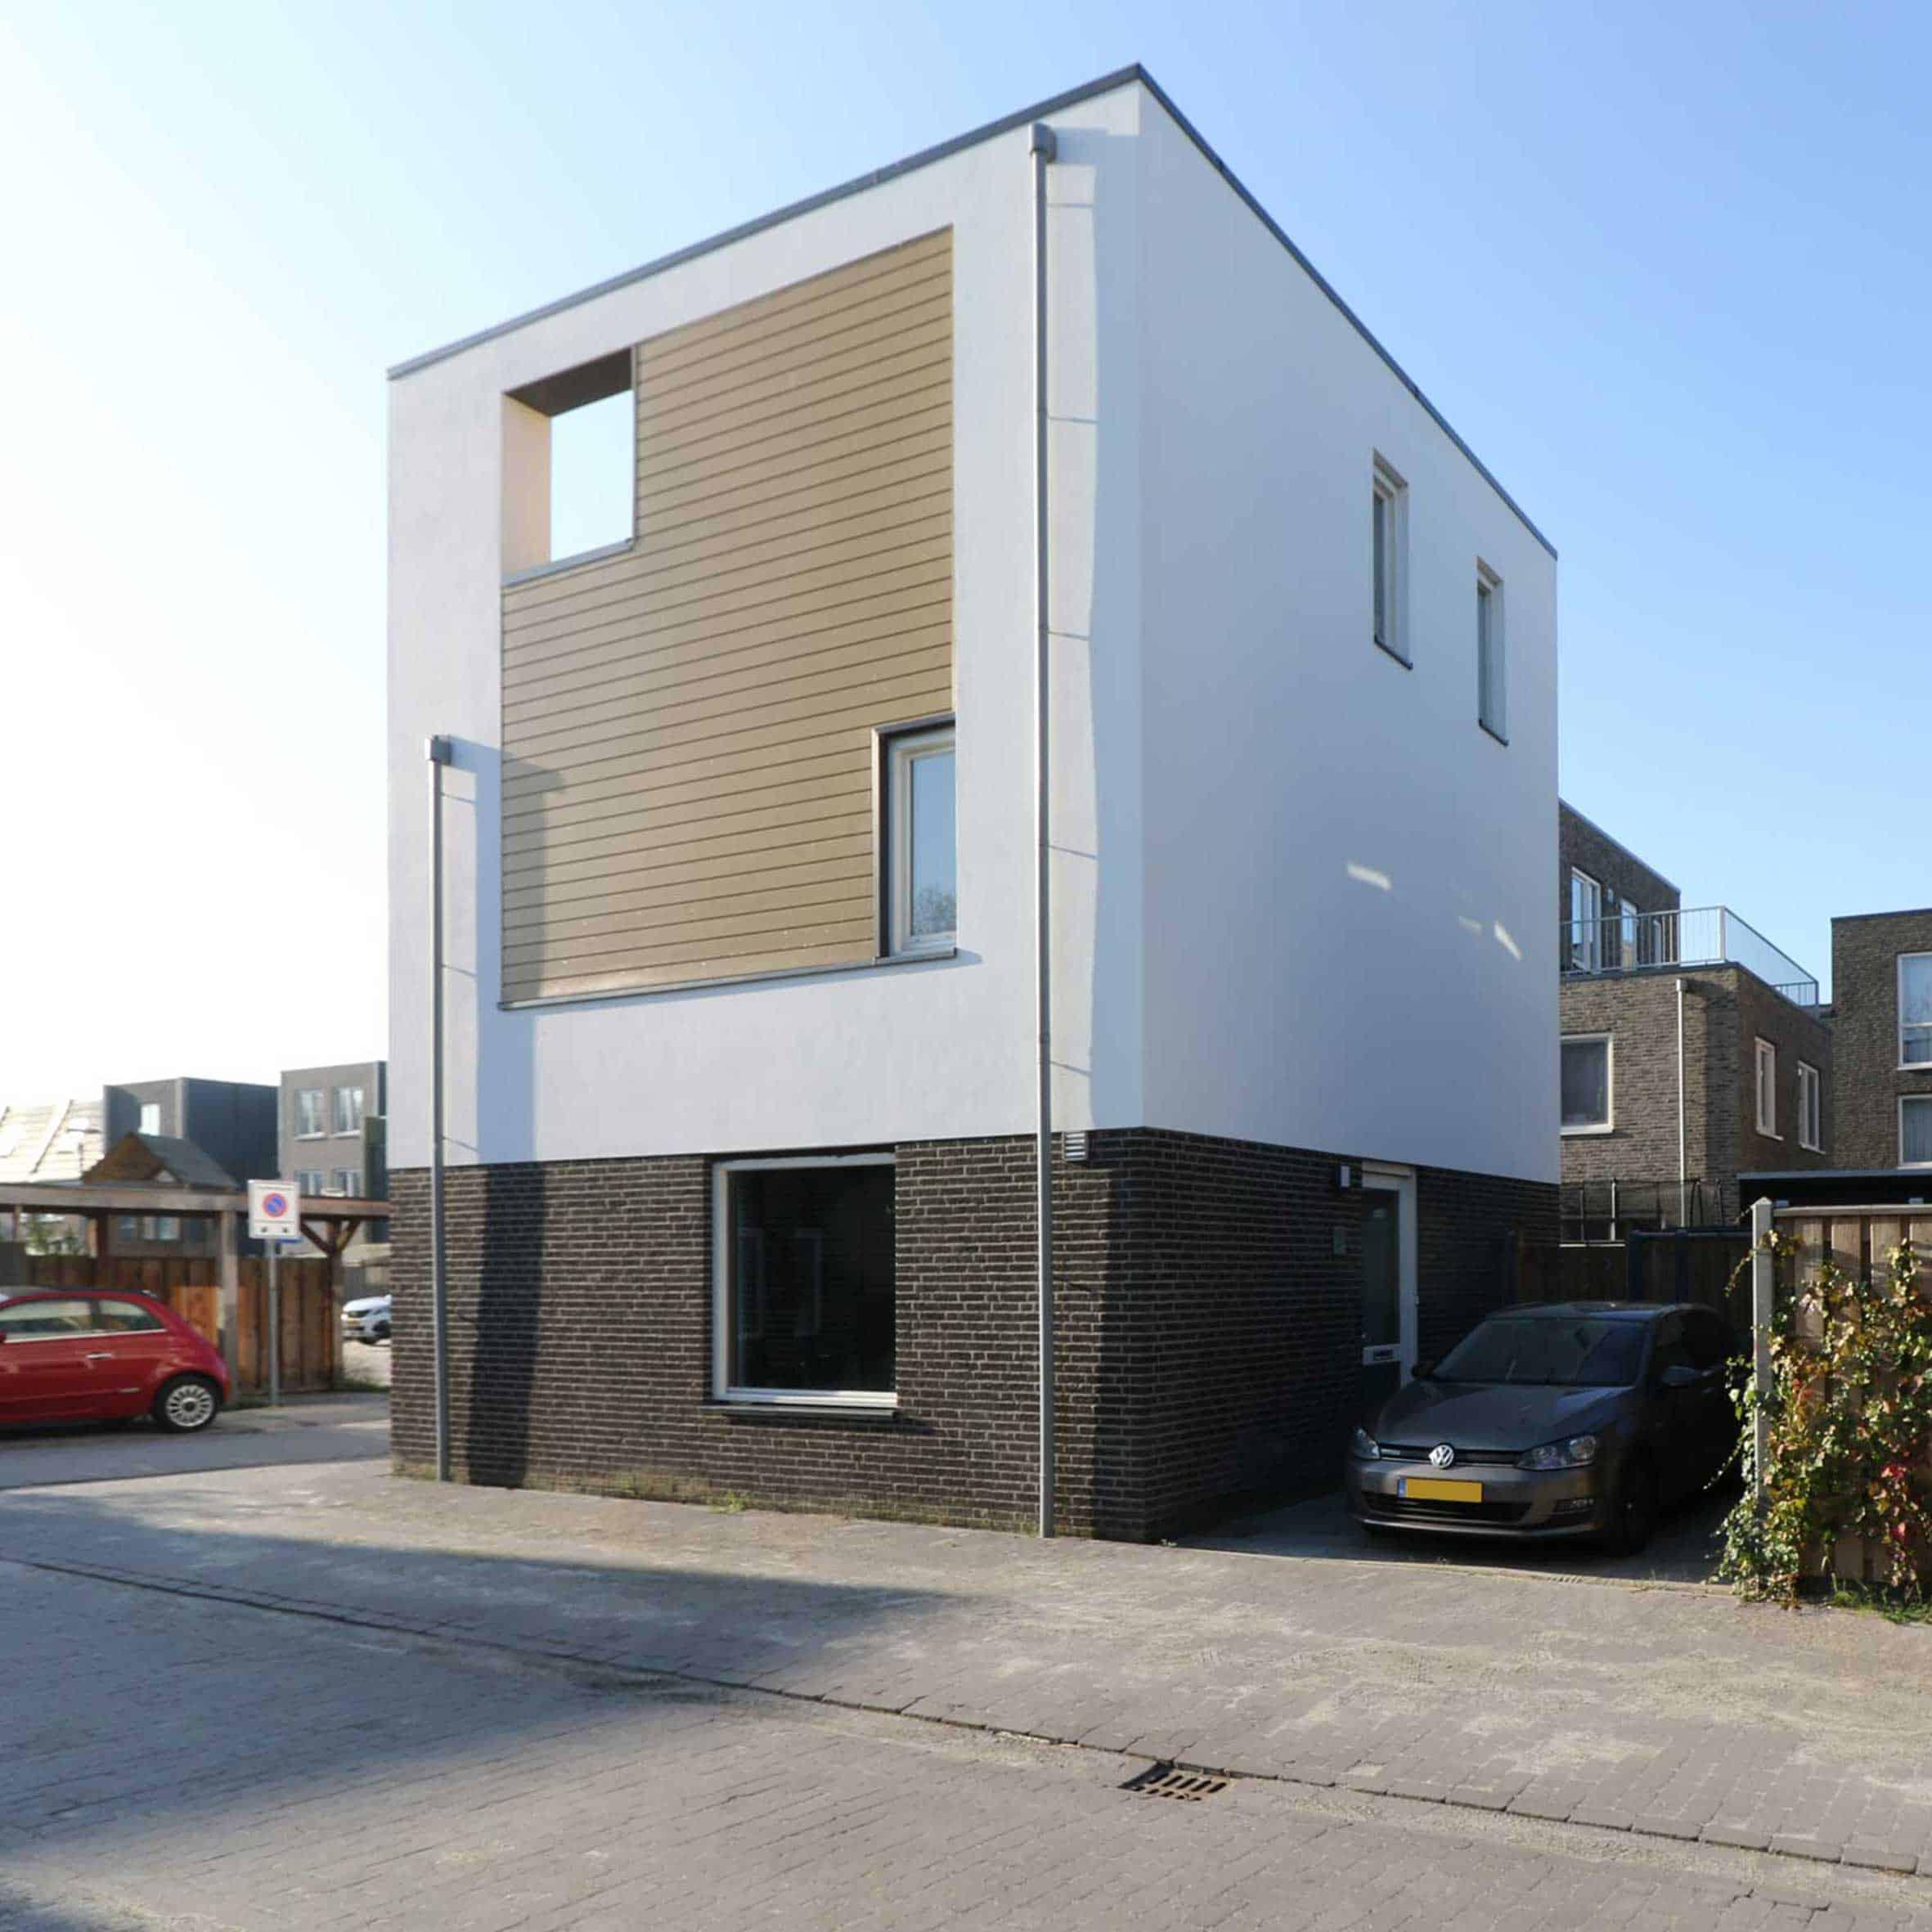 Vrijstaande woning in het 'vrije veld' Almere Poort